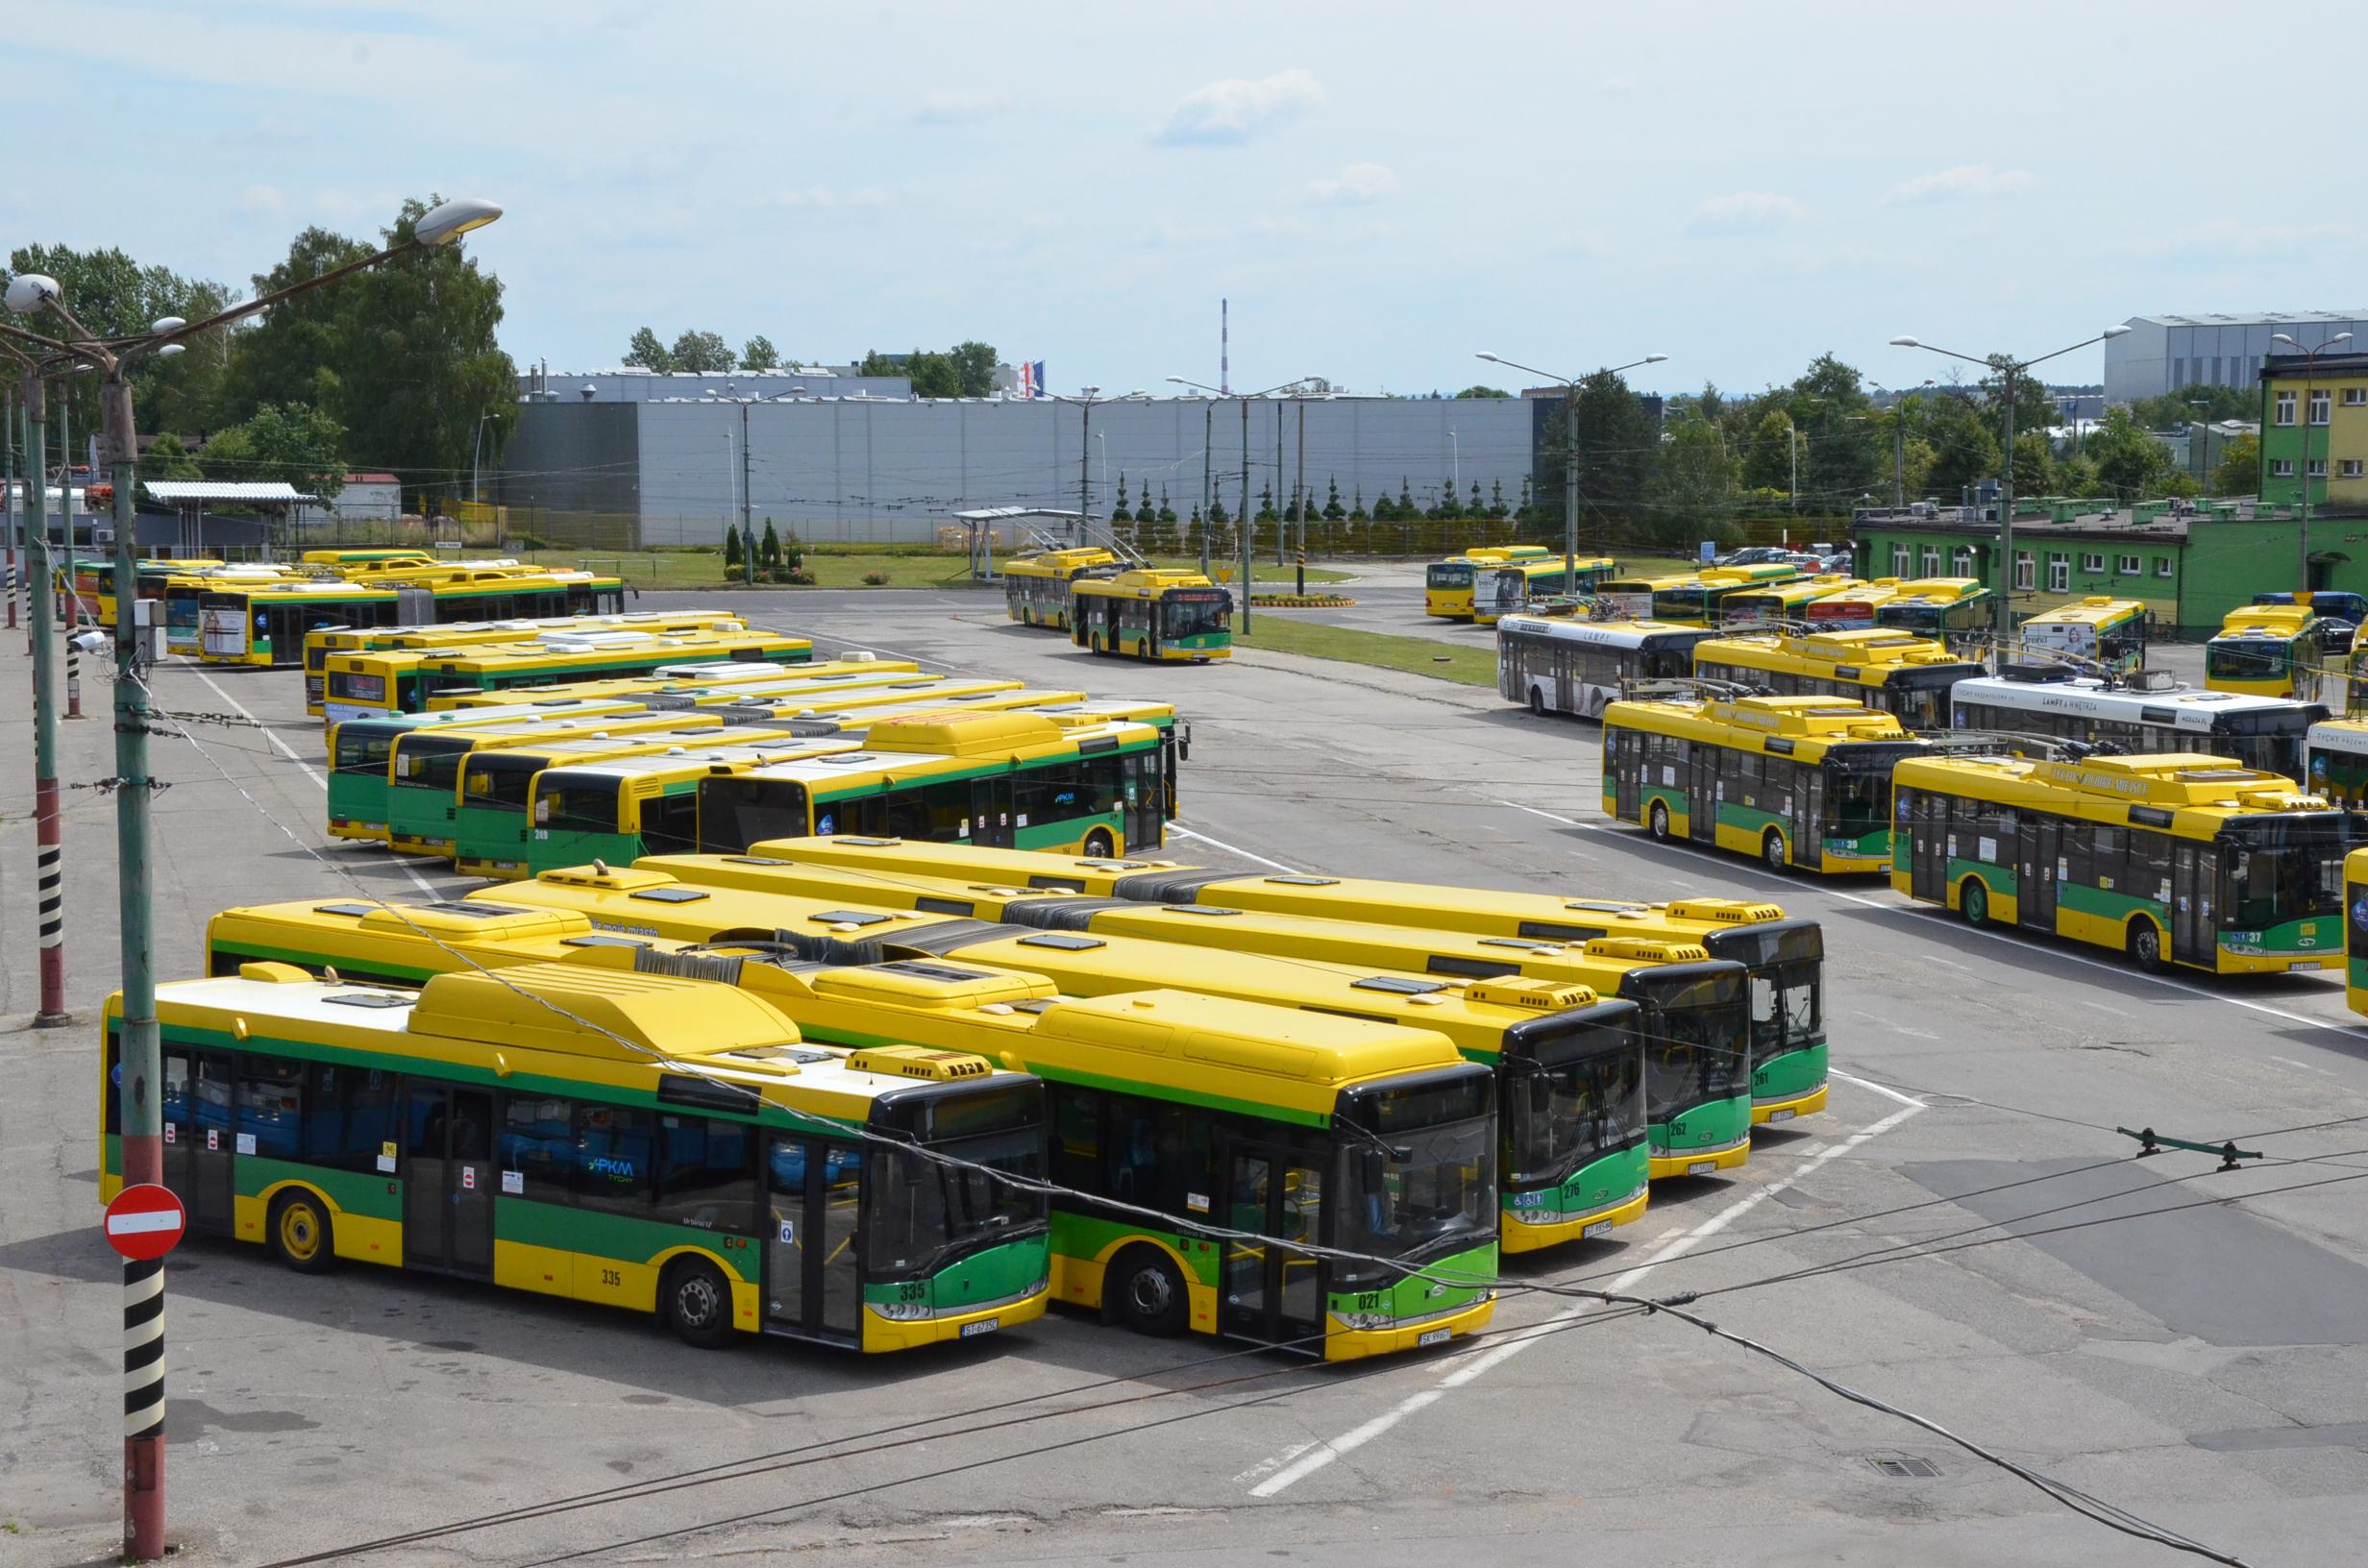 Tychy: Strona www.mzk.pl już nie istnieje. Rozkład jazdy autobusów znajdziecie teraz na stronie www.metropoliaztm.pl (fot.poglądowe)